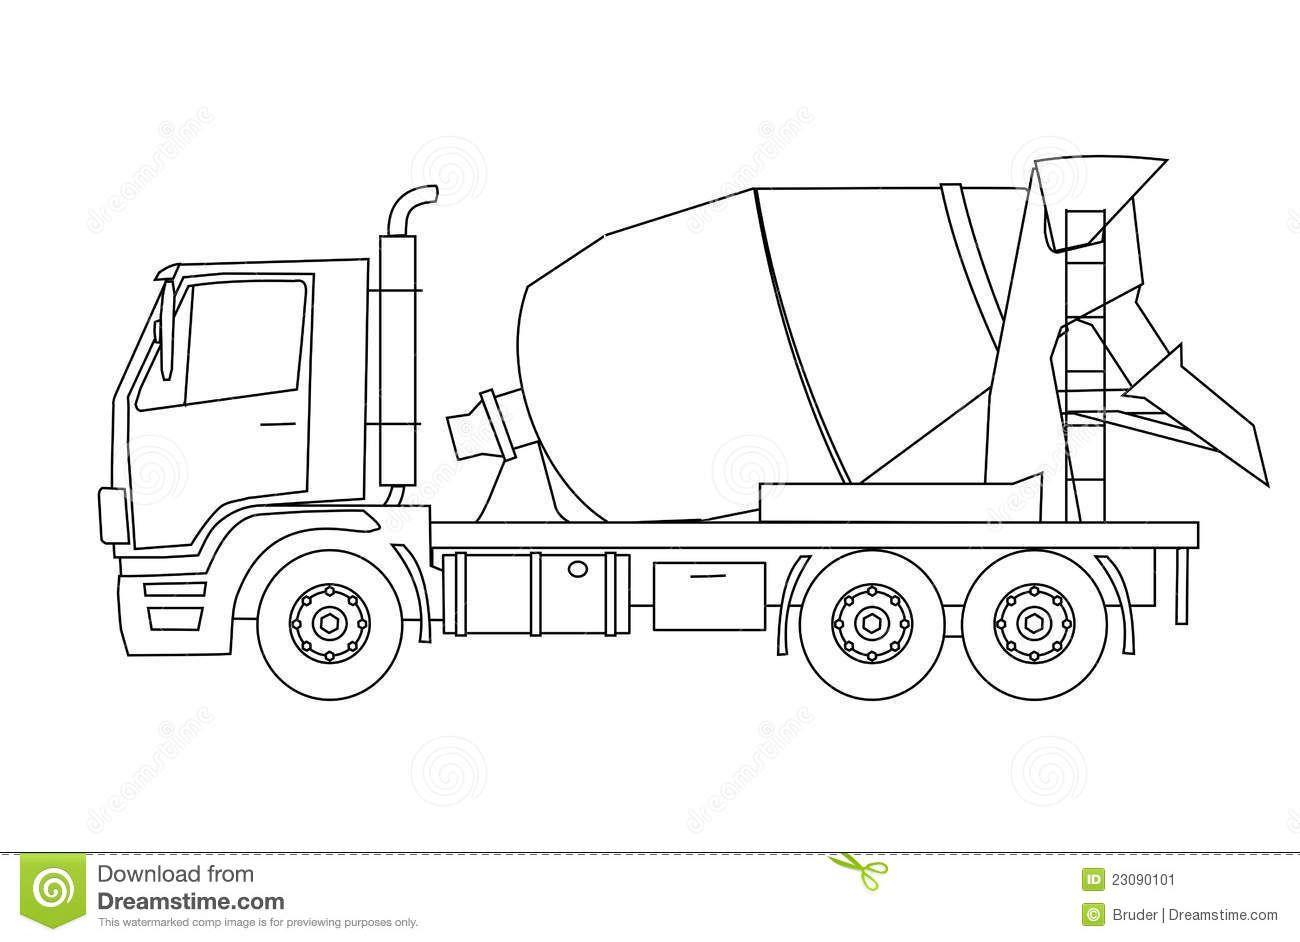 Concrete Mixer Truck 23090101 Jpg 1300 942 Cement Mixer Truck Concrete Mixers Cement Truck